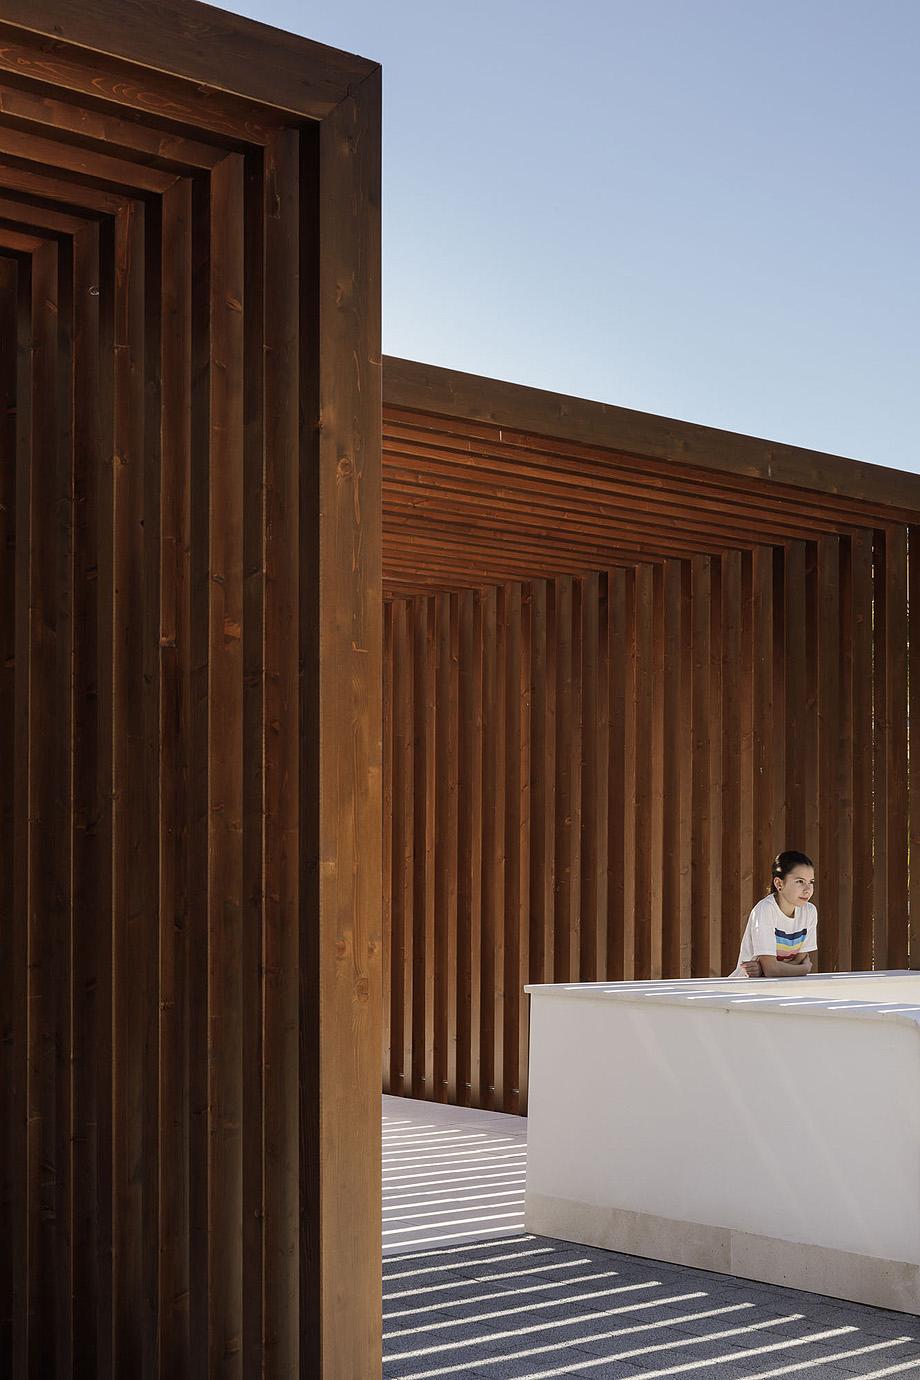 casa en benalmadena de ismo arquitectura - foto fernando alda (4)